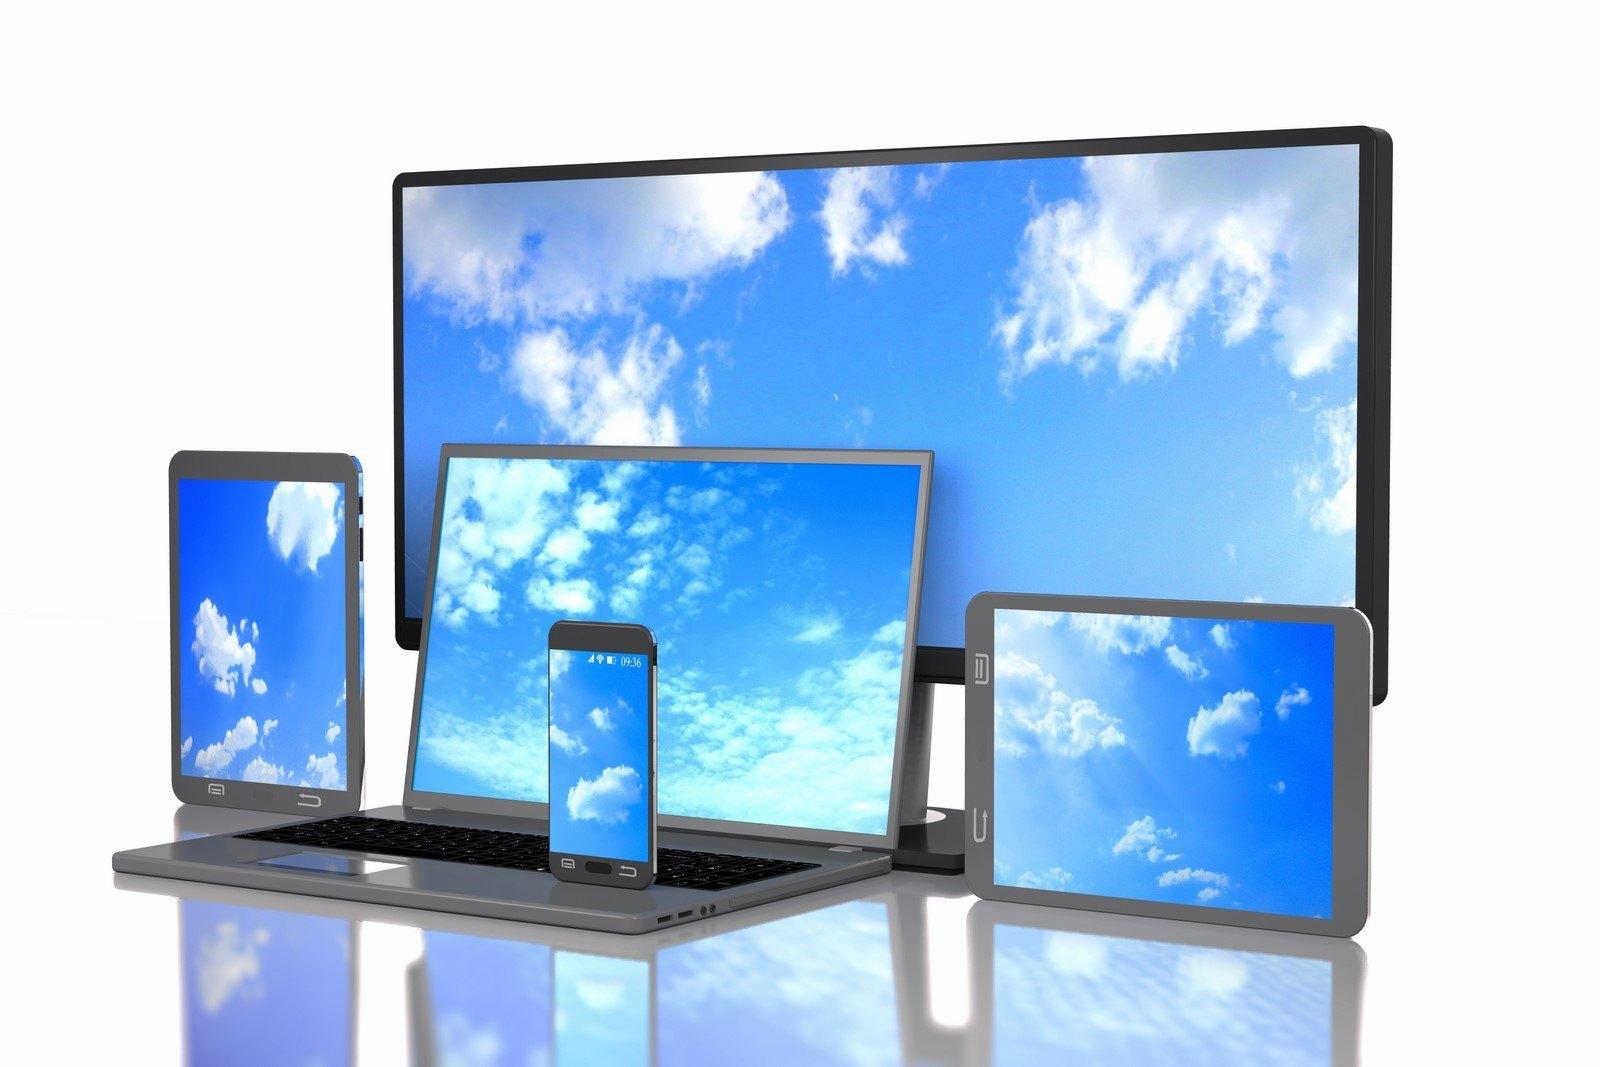 elektronik und unterhaltung